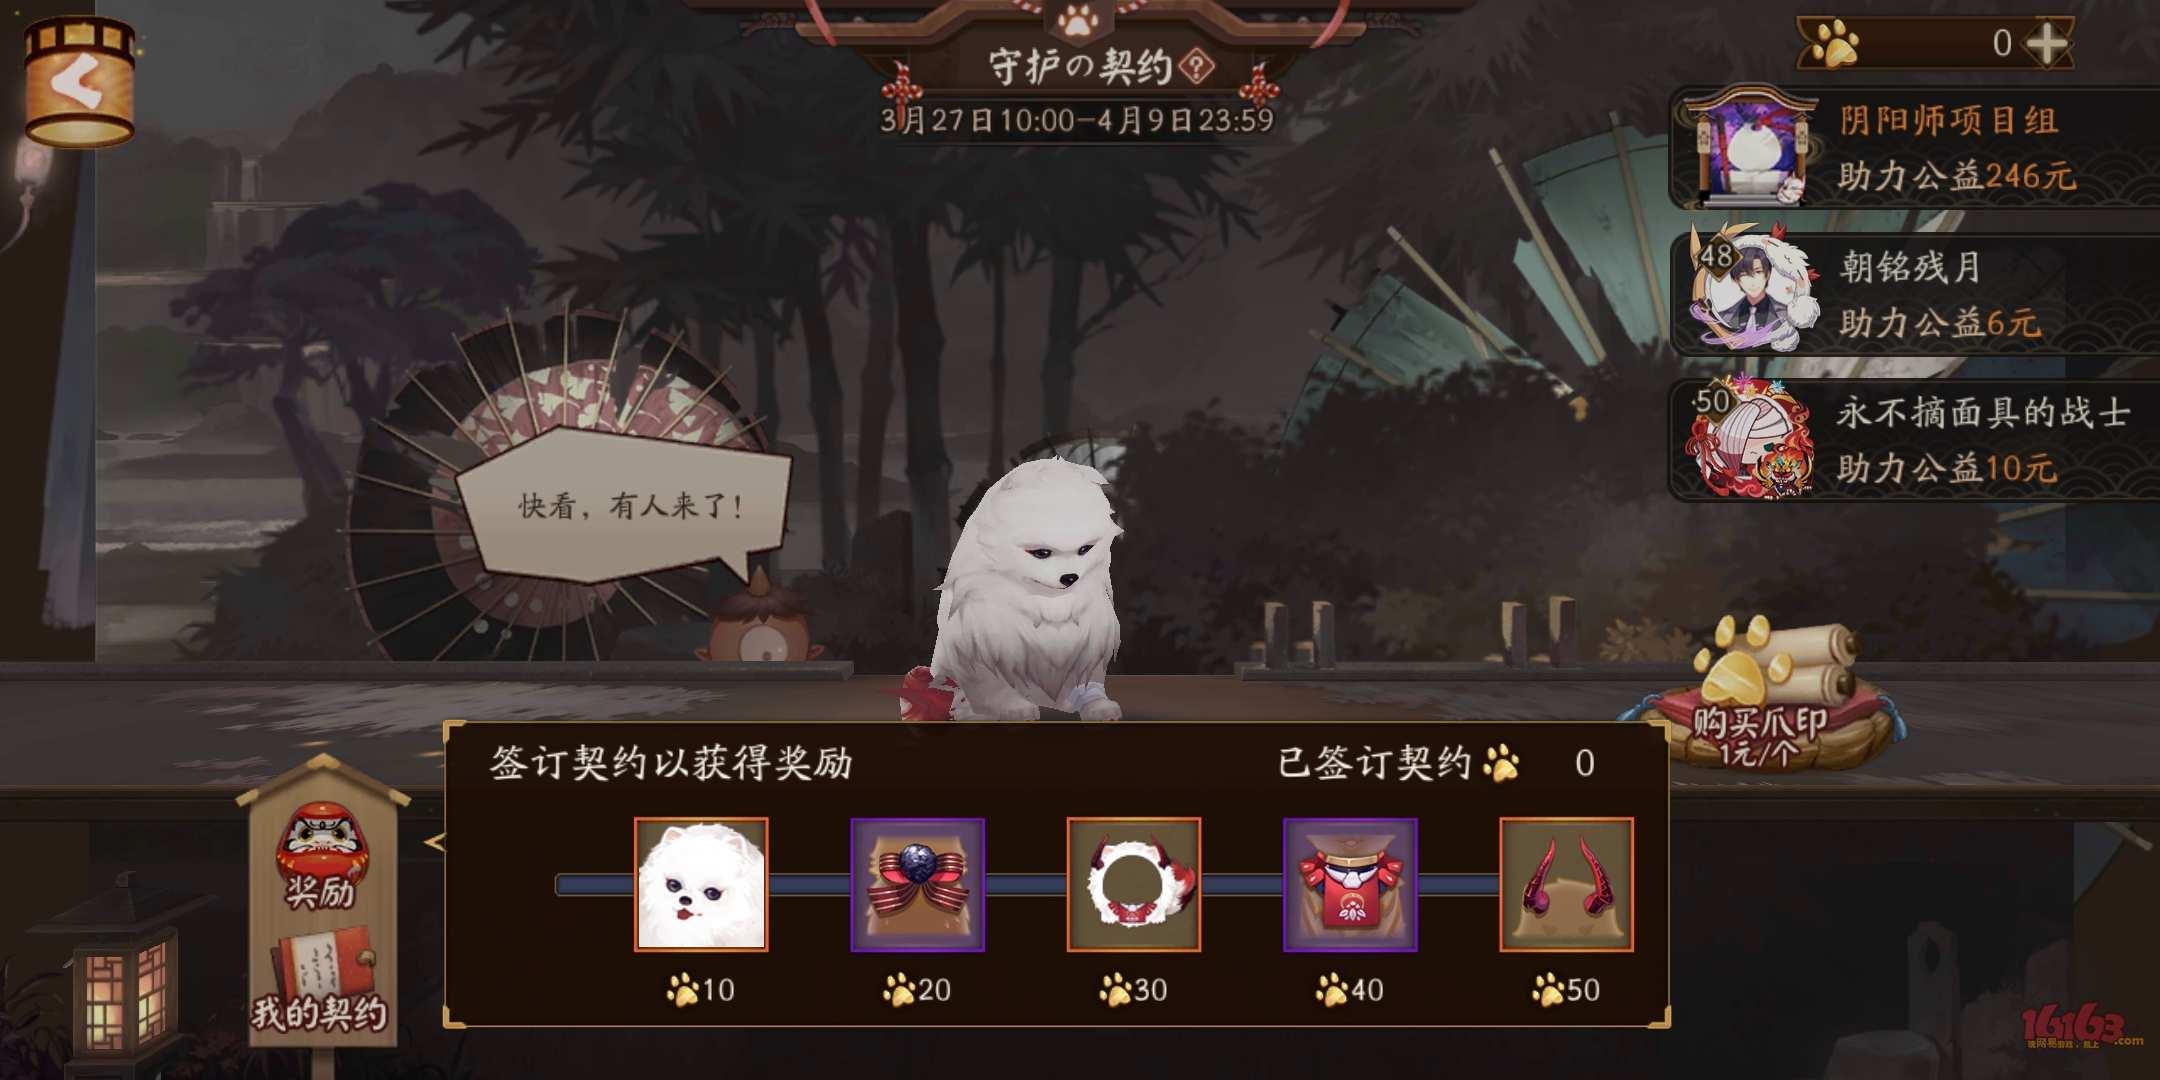 Screenshot_20190329_105909_com.netease.onmyoji.jpg